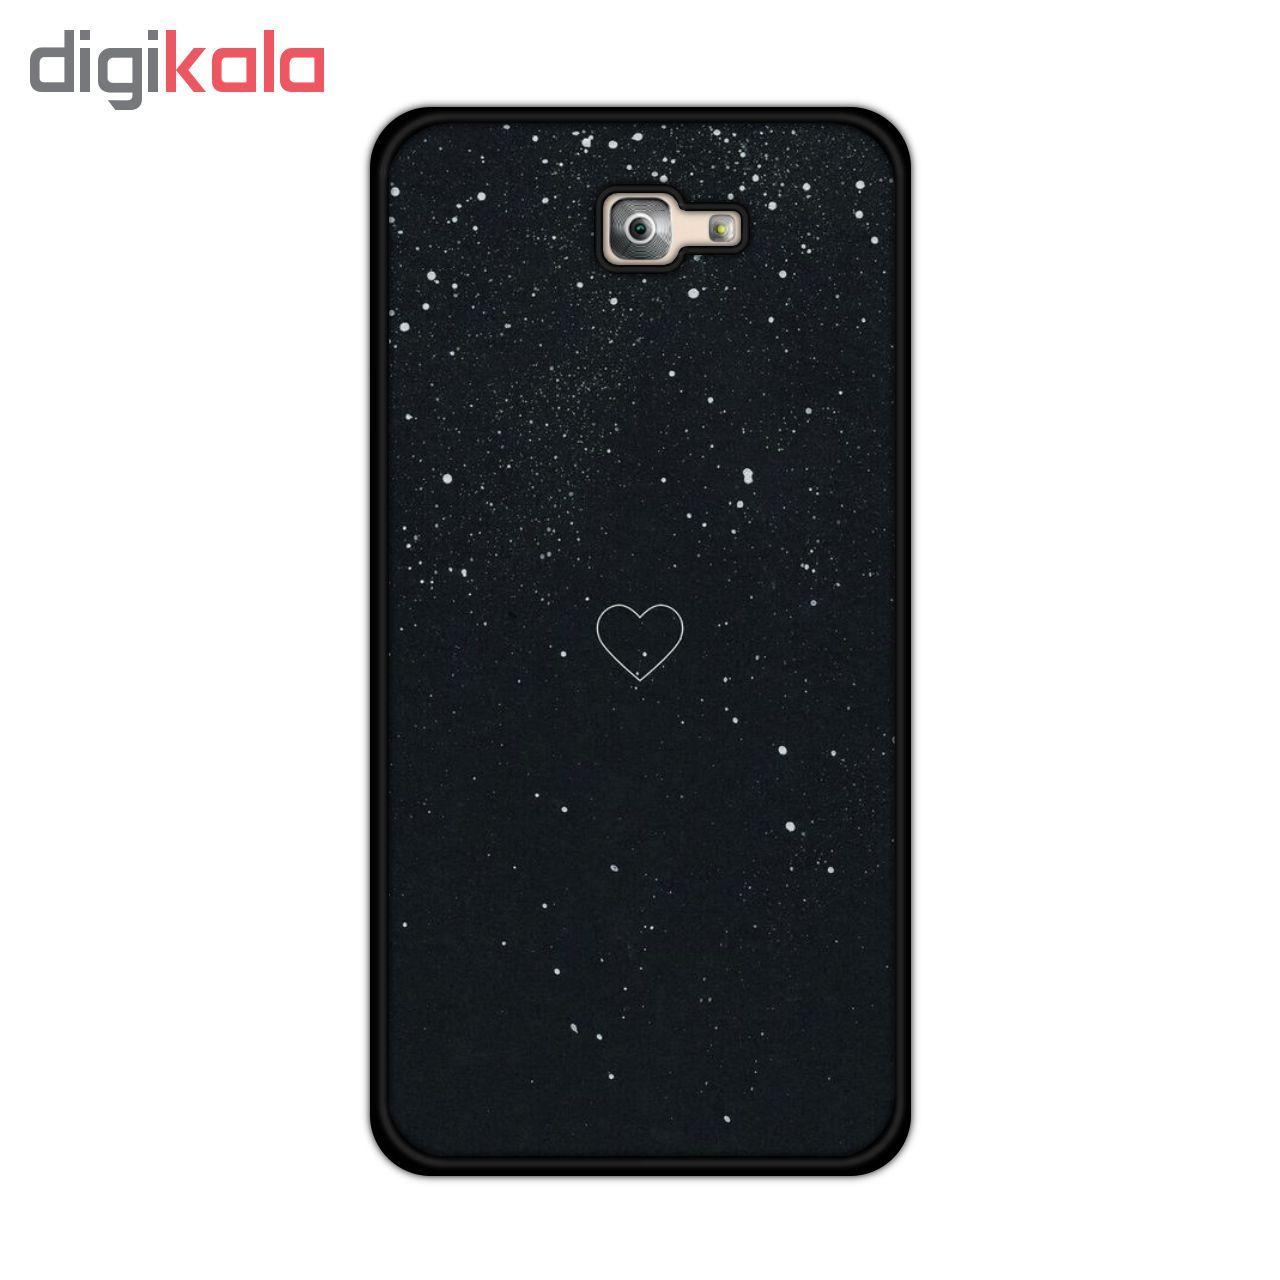 کاور آکام مدل AJsevPri1559 مناسب برای گوشی موبایل سامسونگ Galaxy J7 Prime main 1 1